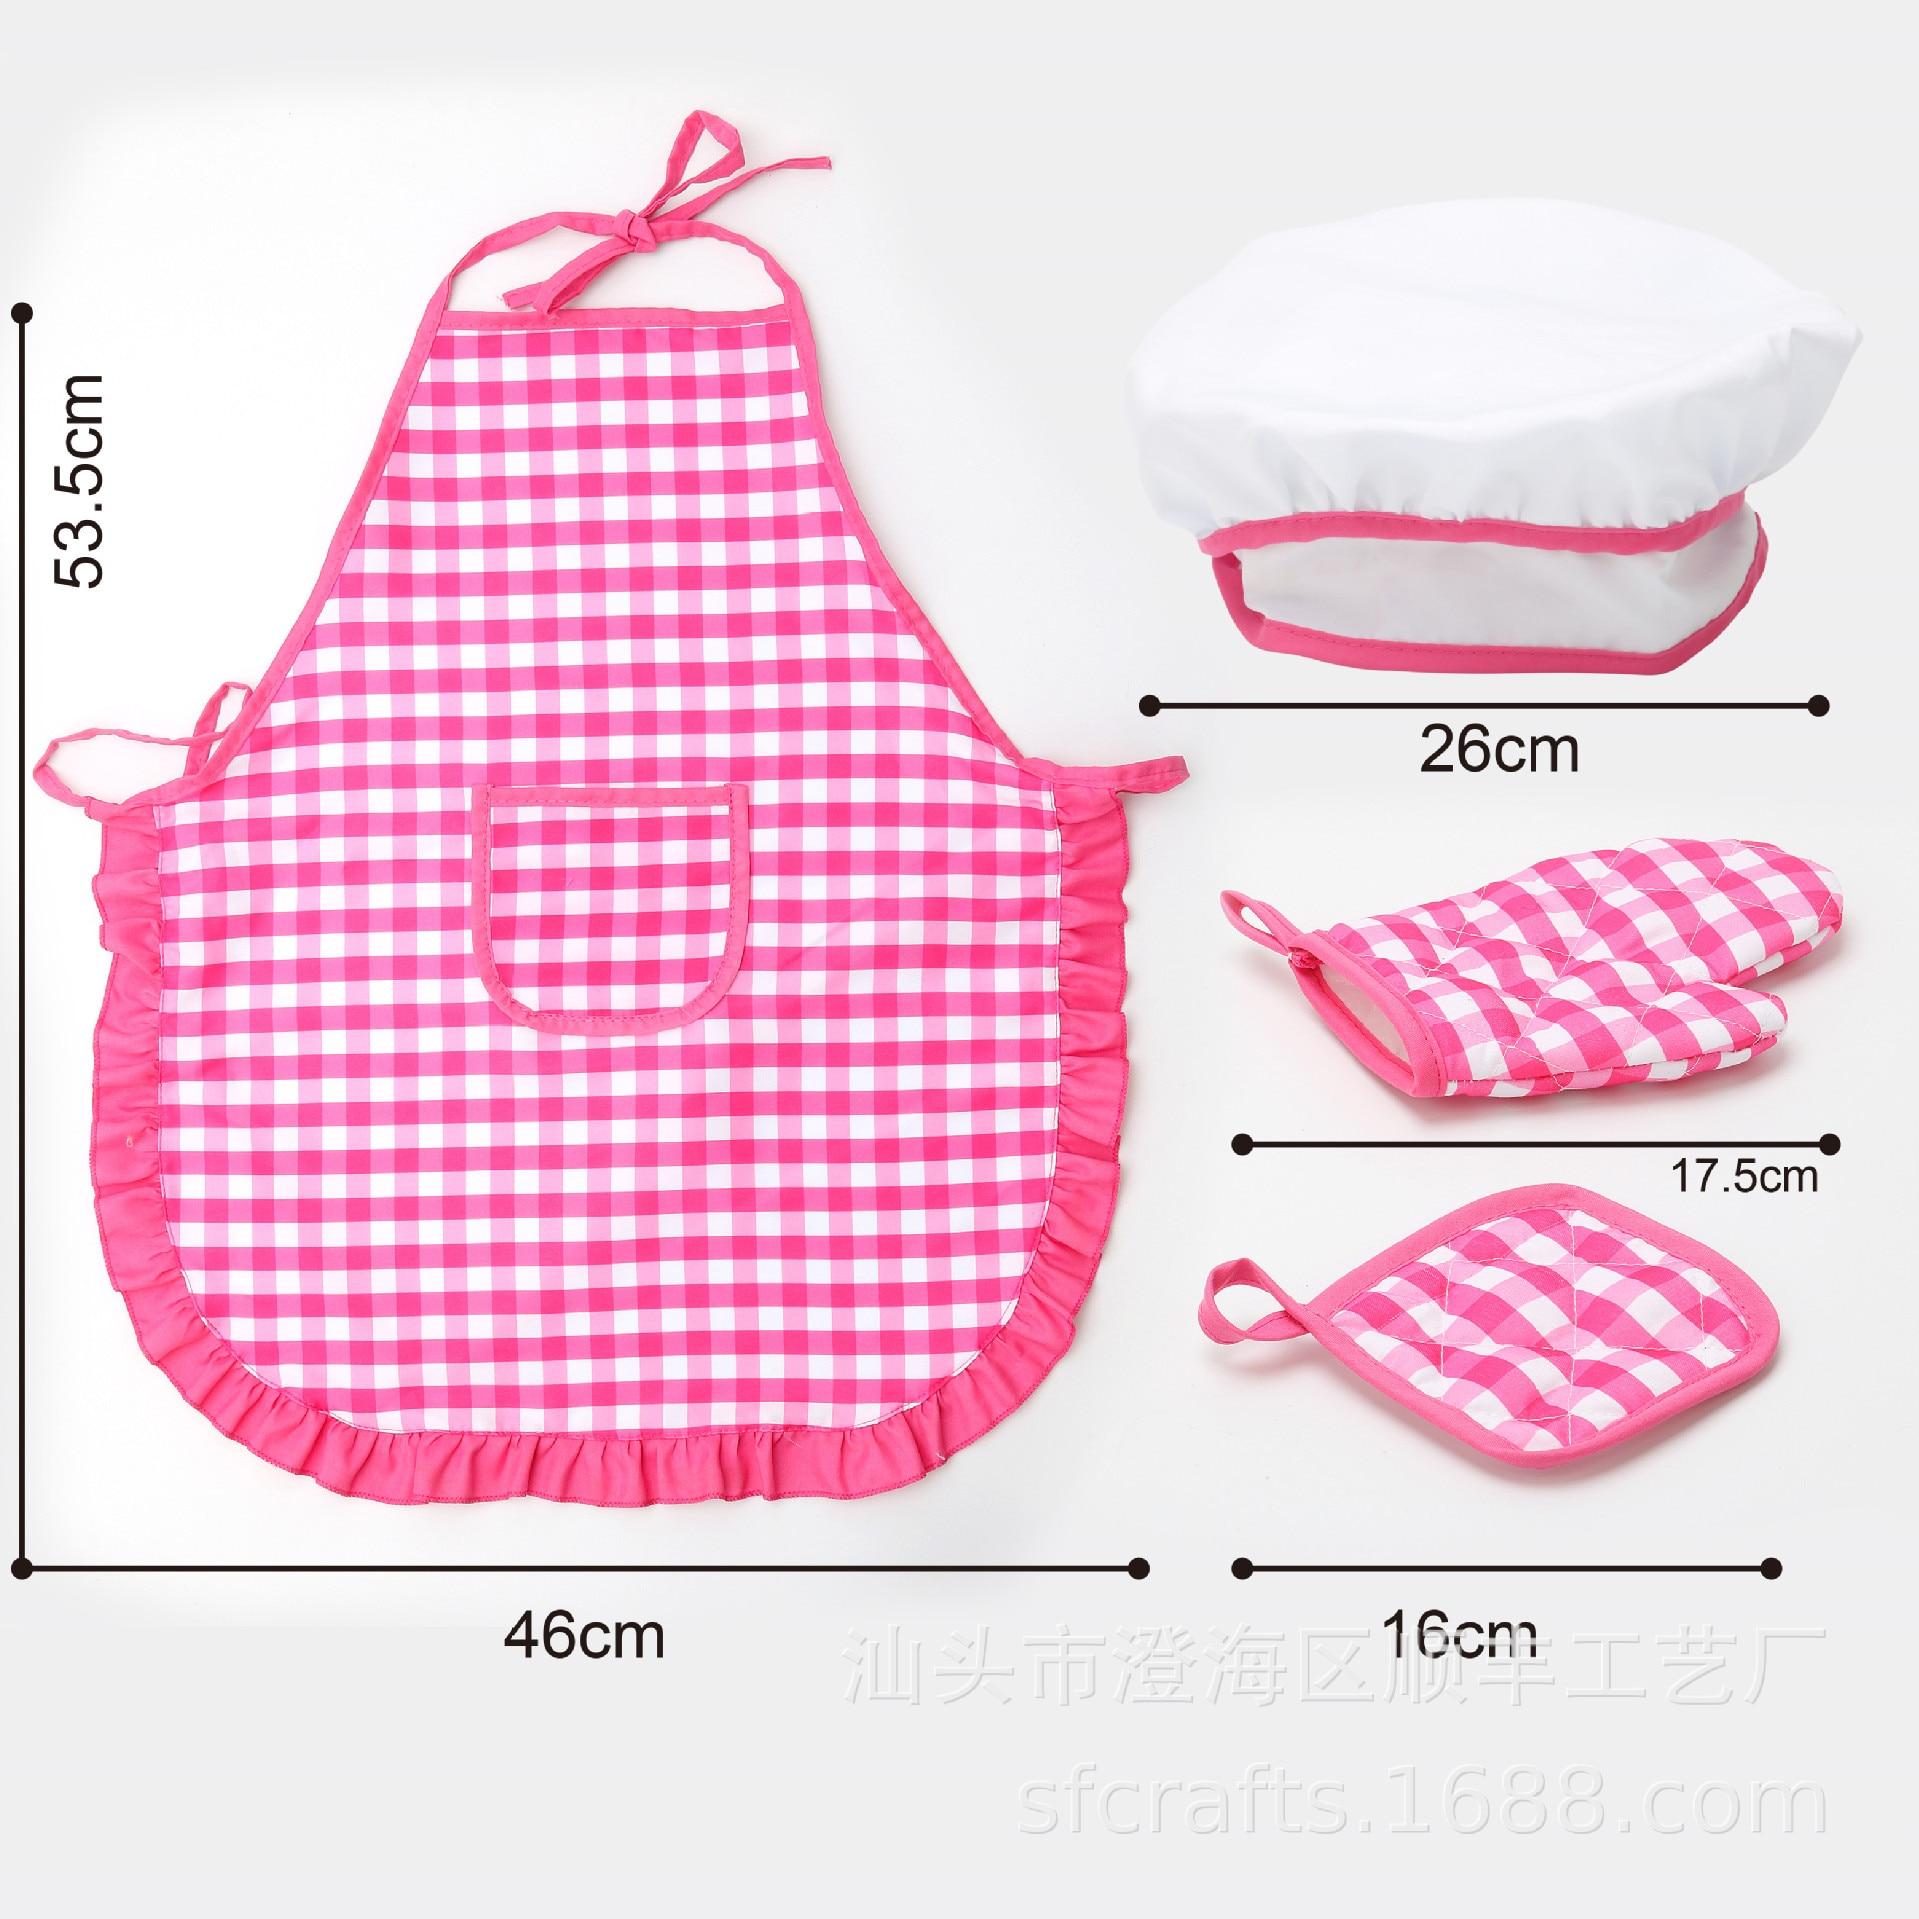 Jogo casa cozinha brinquedo utensílios de cozinha conjunto de ferramentas de cozimento bolo avental diy